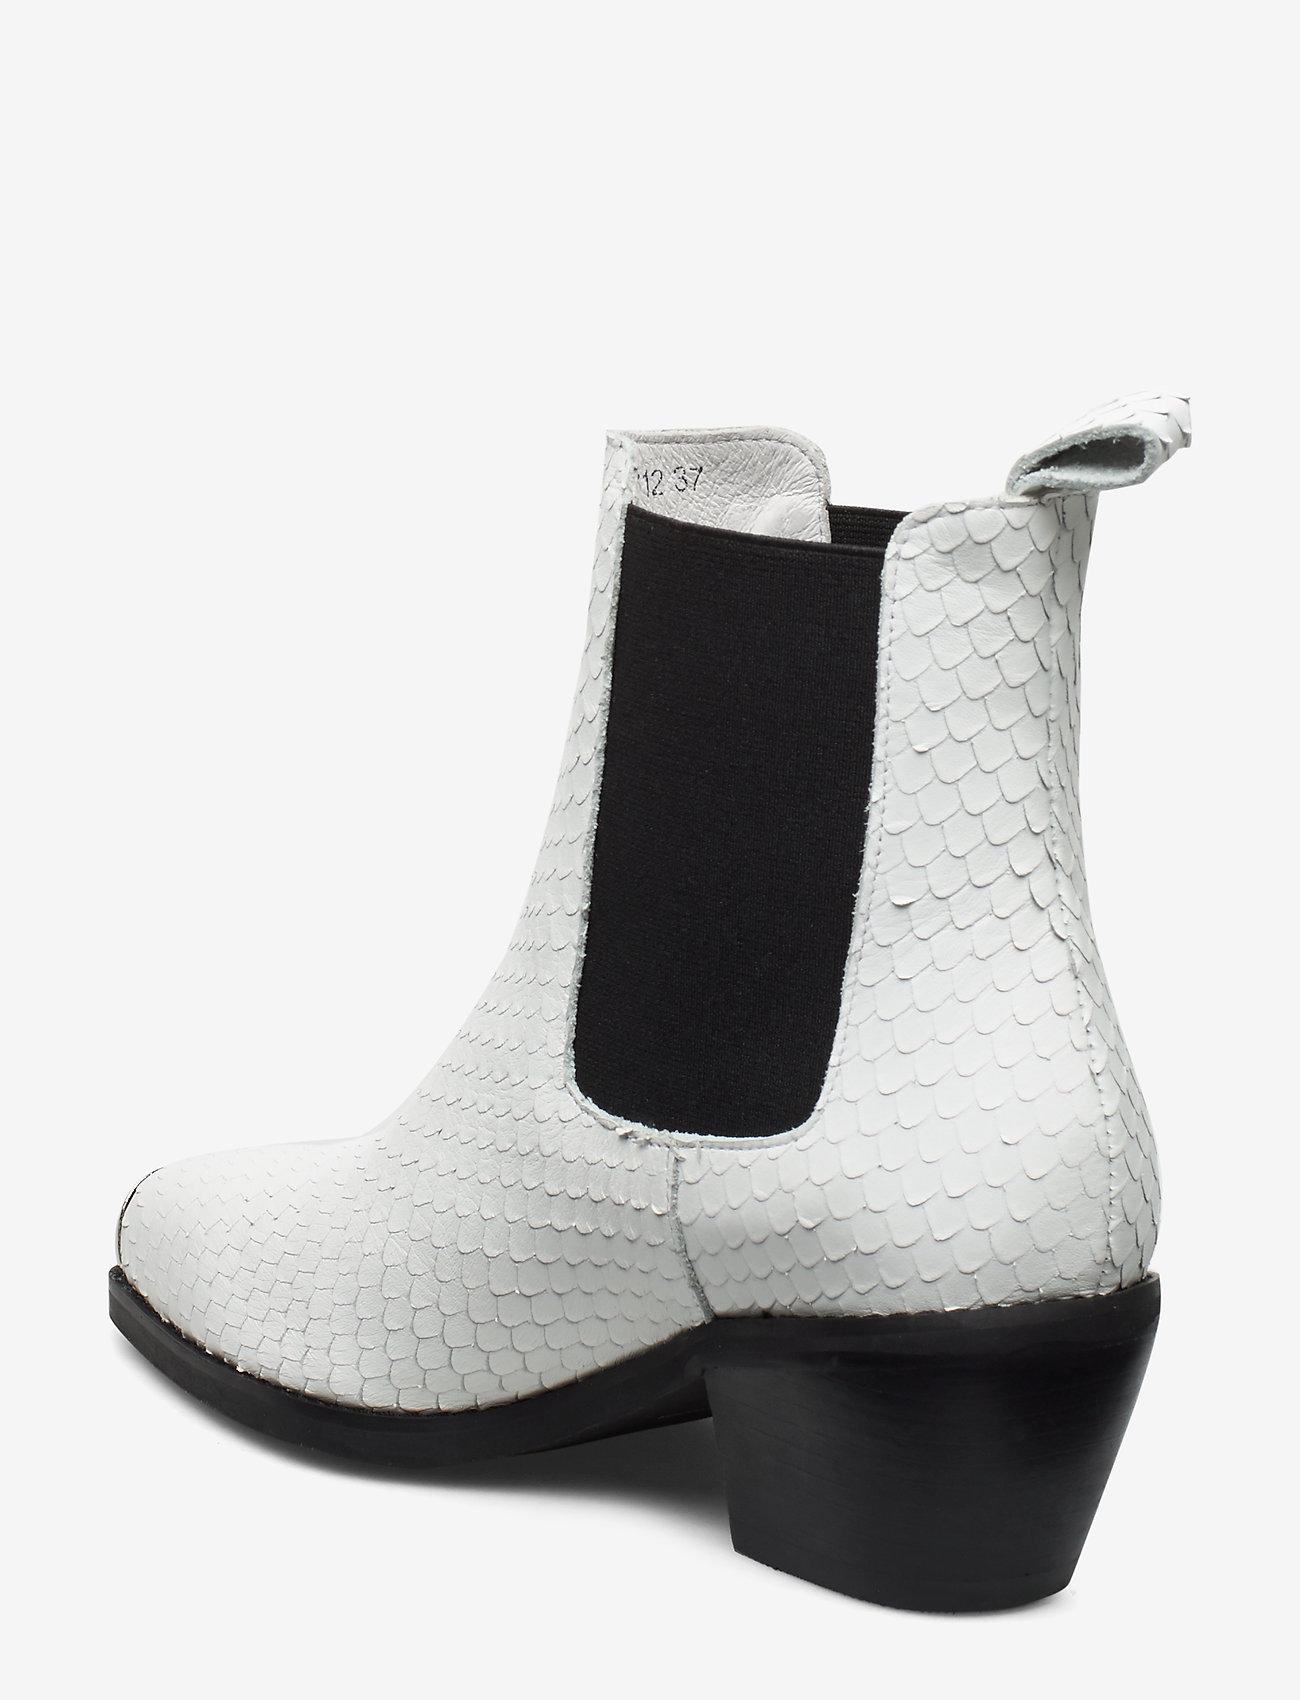 Boot (White) - Sofie Schnoor